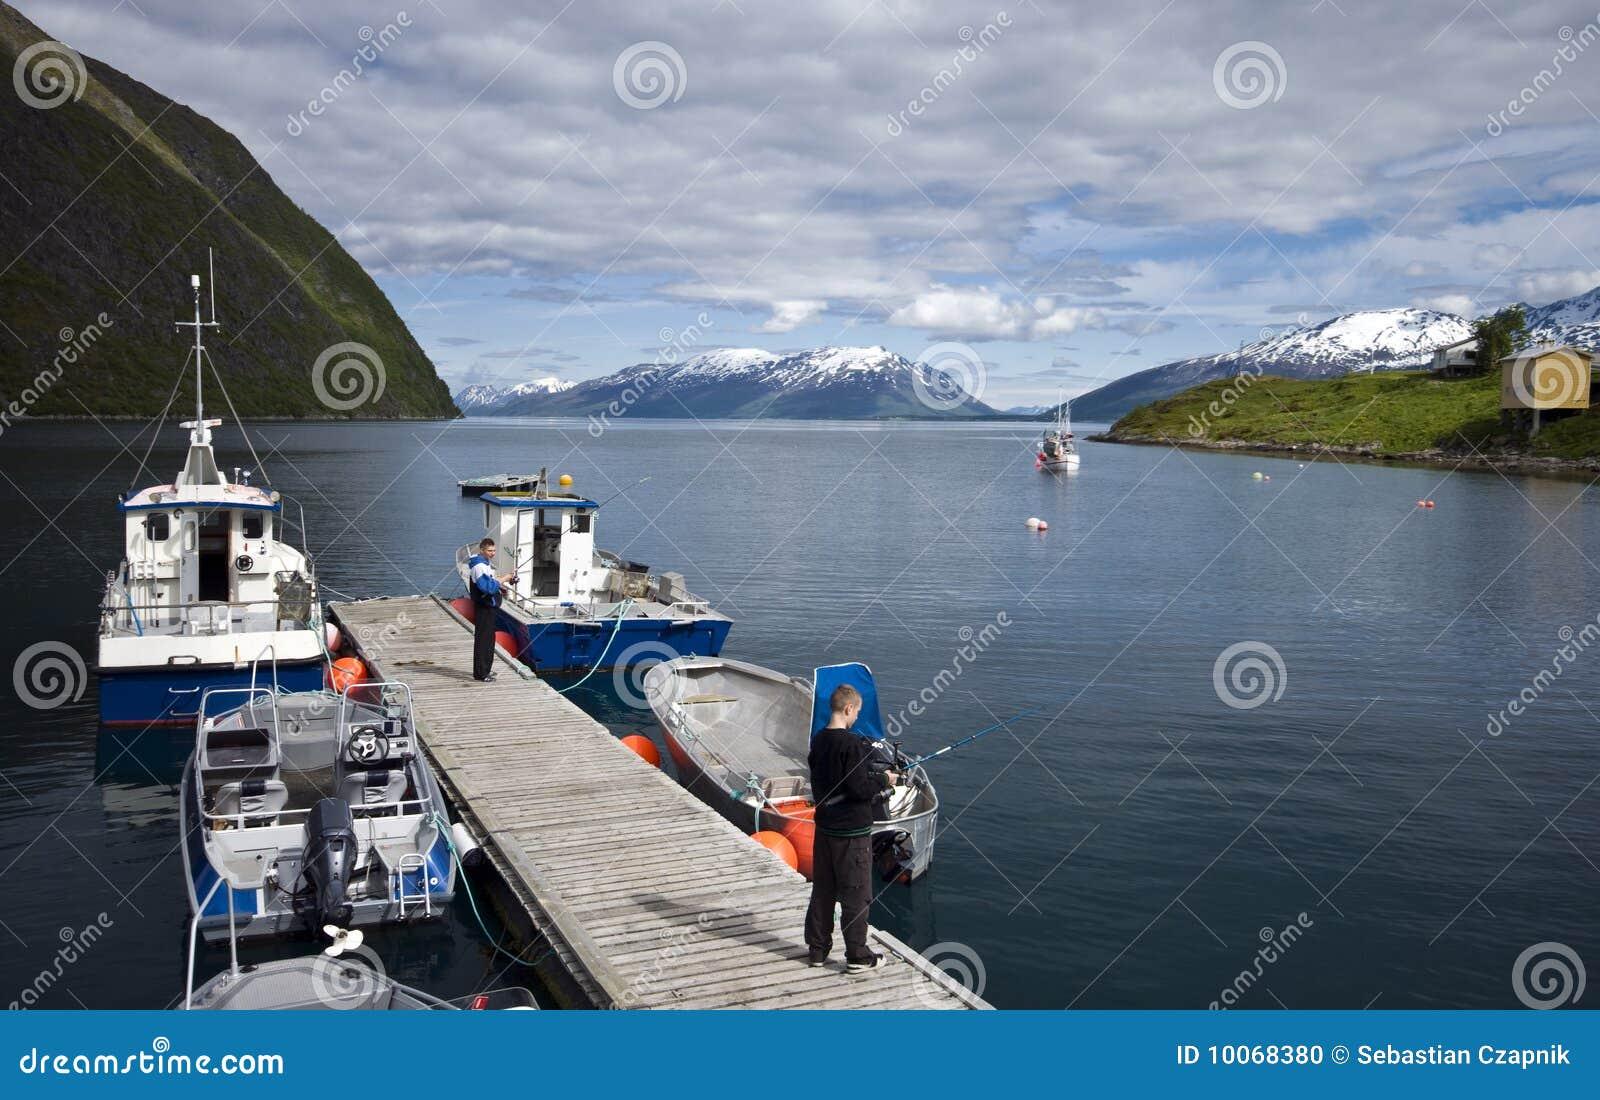 Visserij van dok in fjord